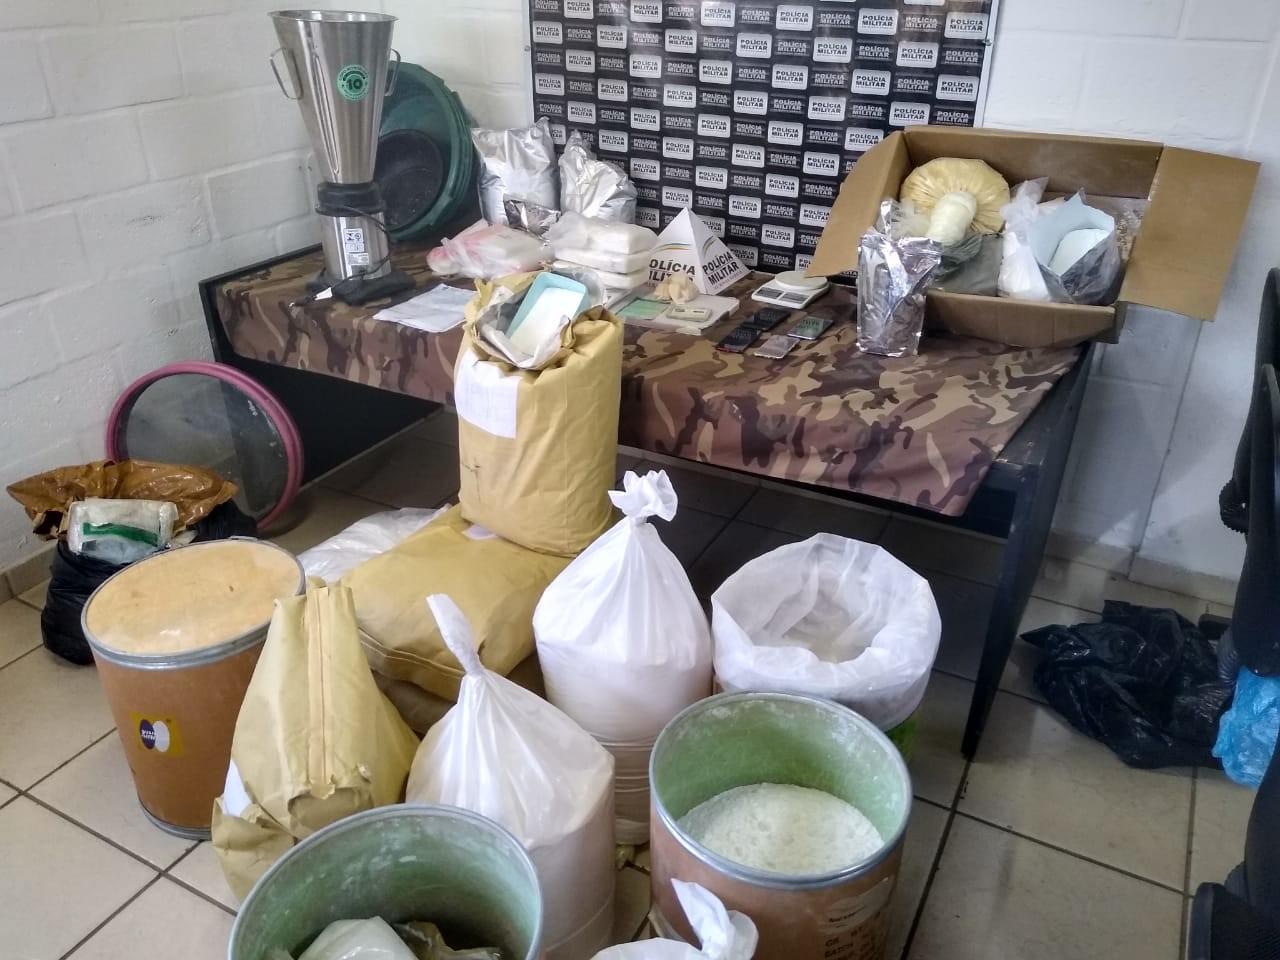 PM estoura laboratório de refino de drogas em Juiz de Fora